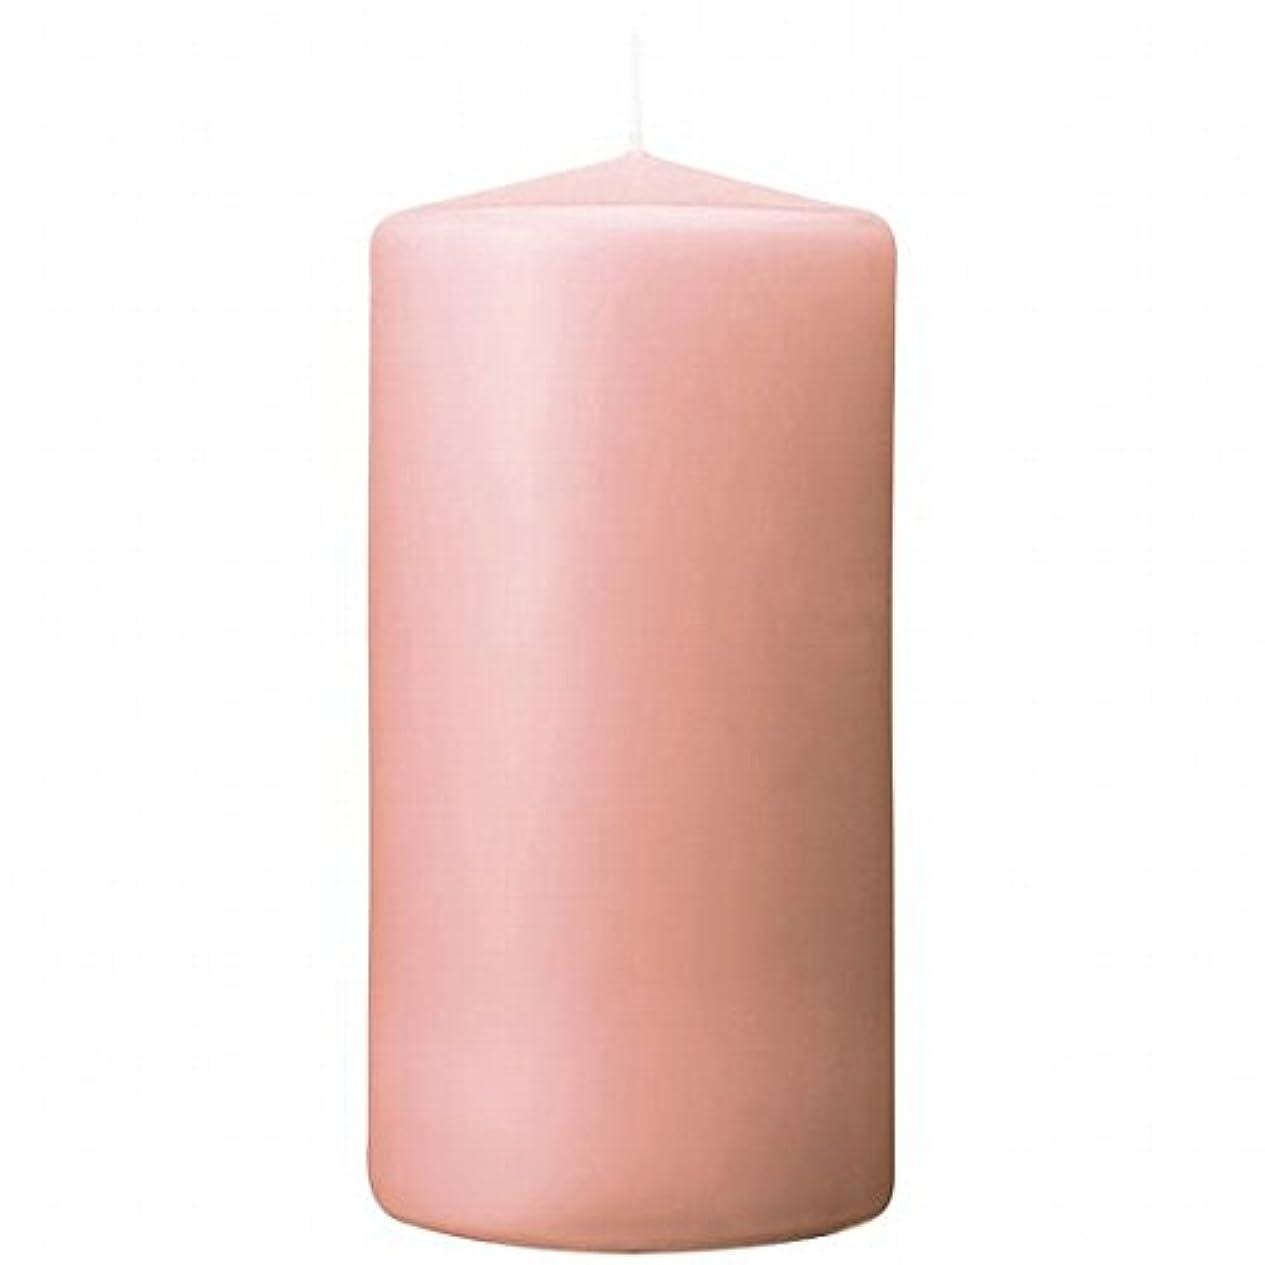 内側ビヨンまあカメヤマキャンドル(kameyama candle) 3×6ベルトップピラーキャンドル 「 ピーチアンバ 」